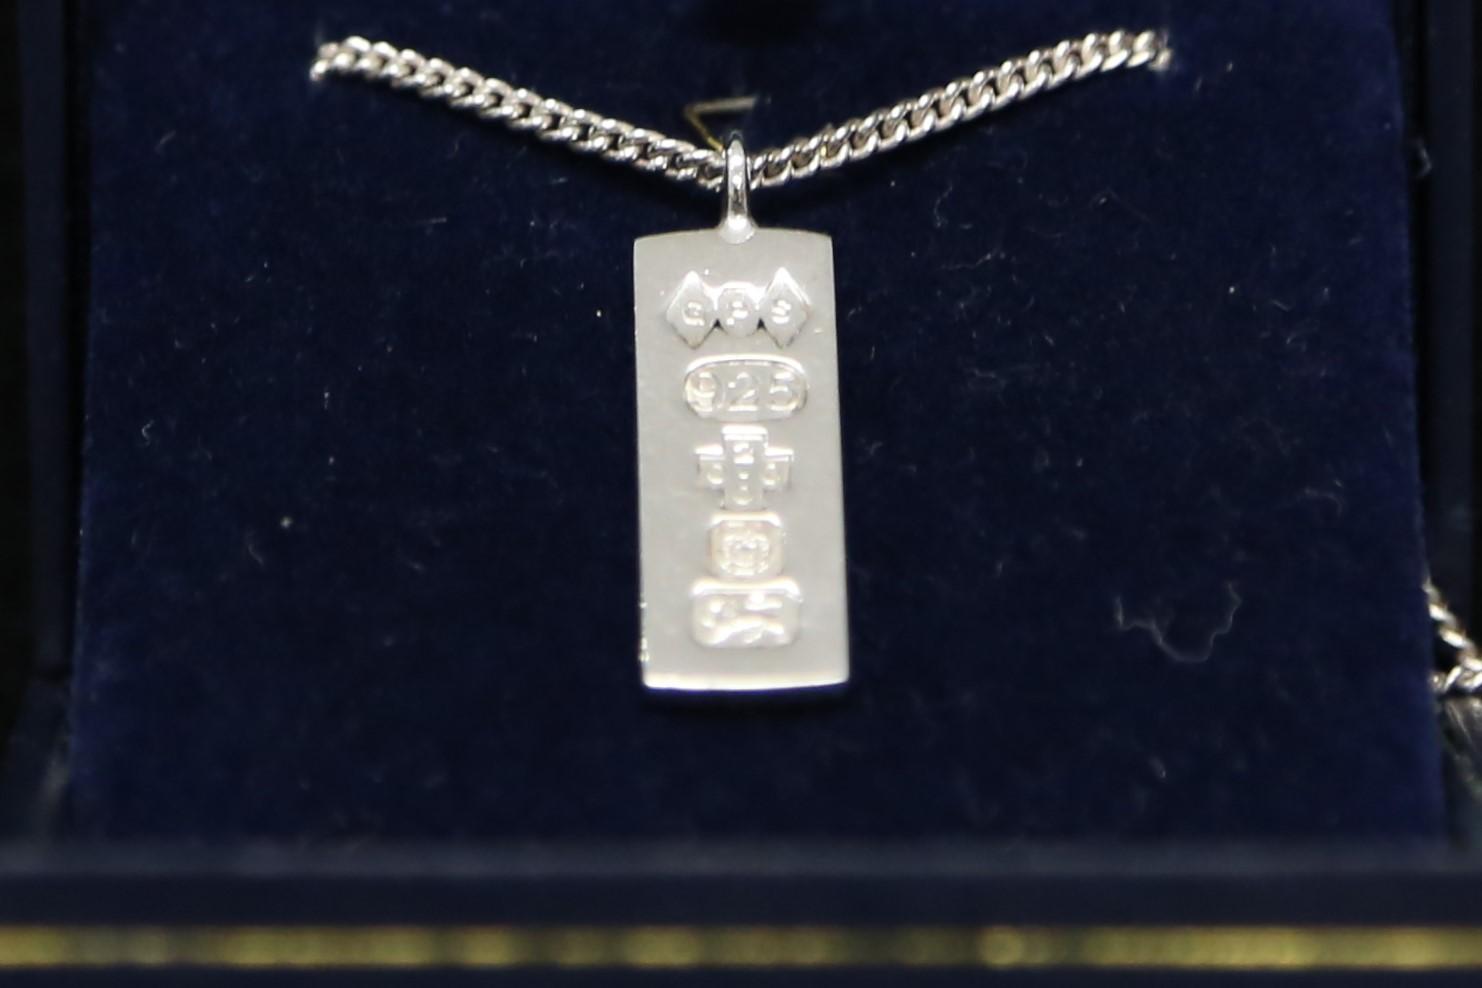 Graeme Sagar silver necklace